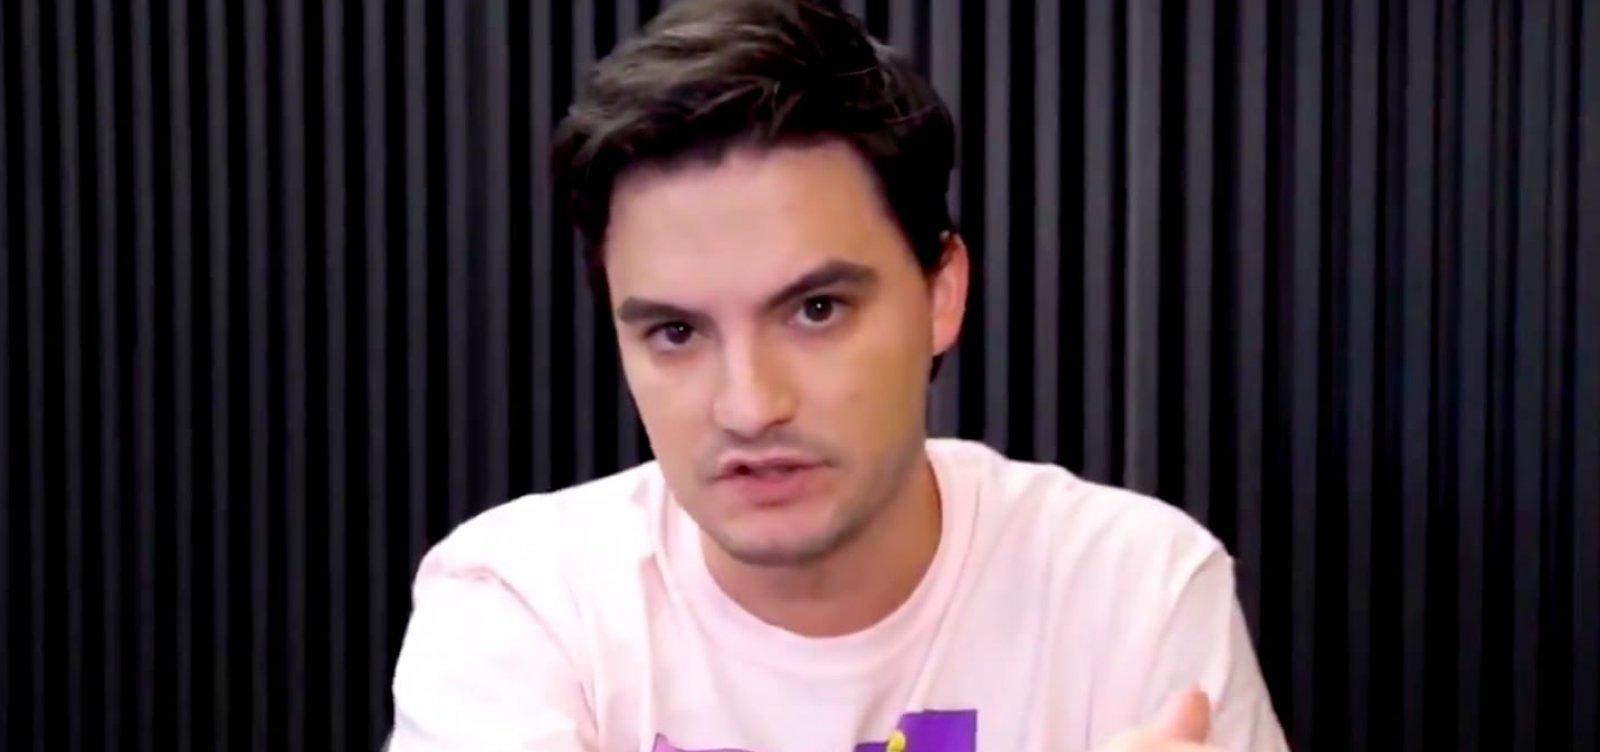 [PGR arquivou pedido de inquérito sobre publicações de Felipe Neto no Twitter ]